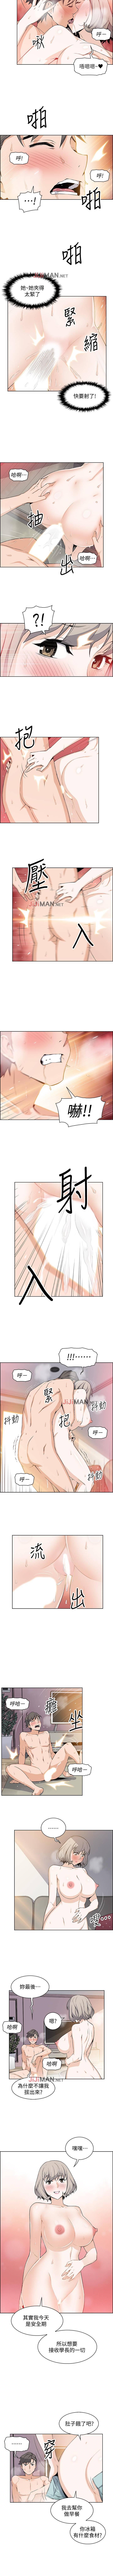 【周四连载】前女友变女佣(作者:PAPER&頸枕) 第1~33话 145